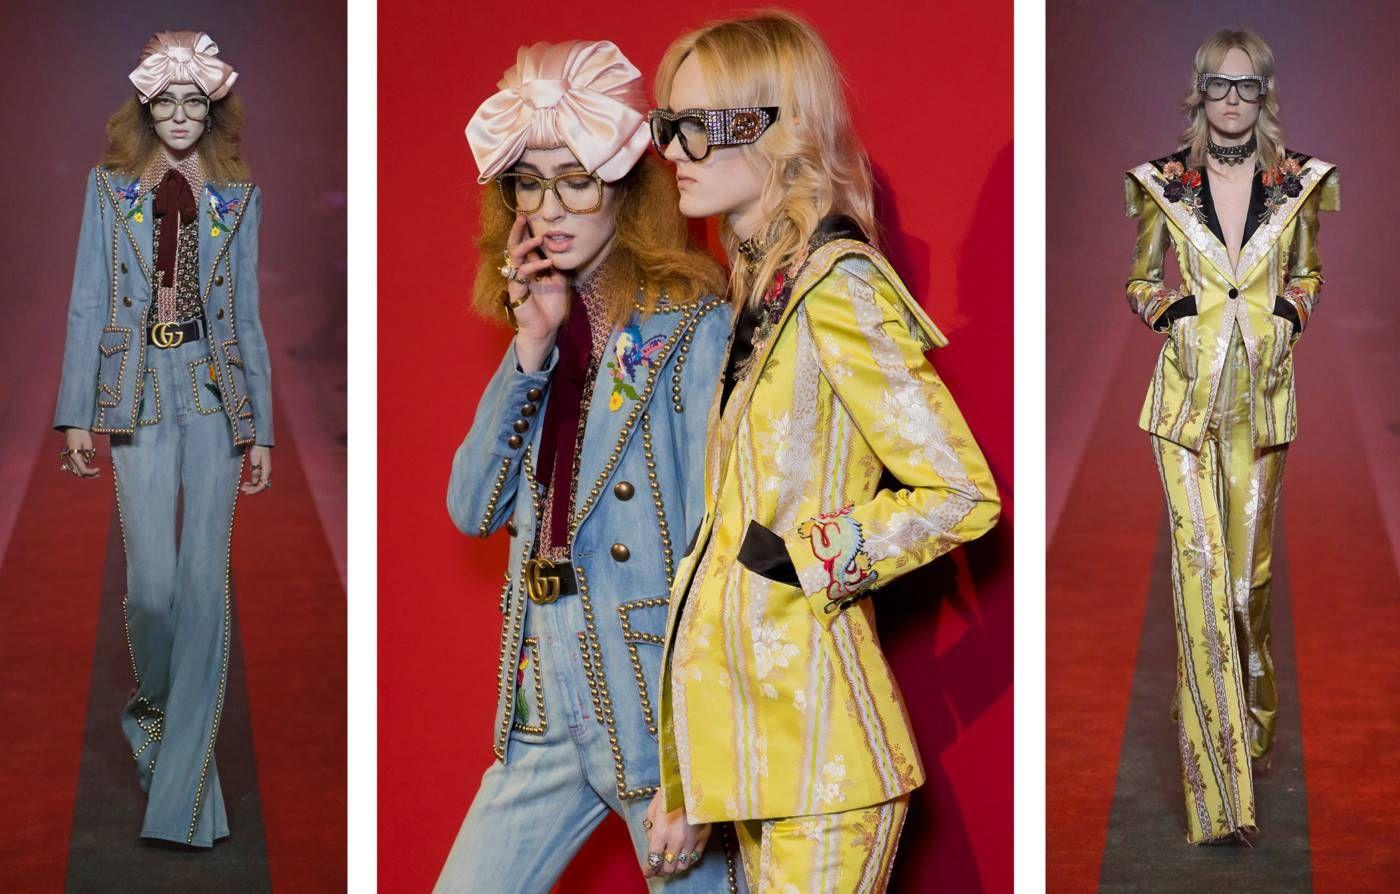 Giacche e pantaloni lunghi e delicati contraddistinguono gli abiti sartoriali di Alessandro Michele. - Gucci Stories